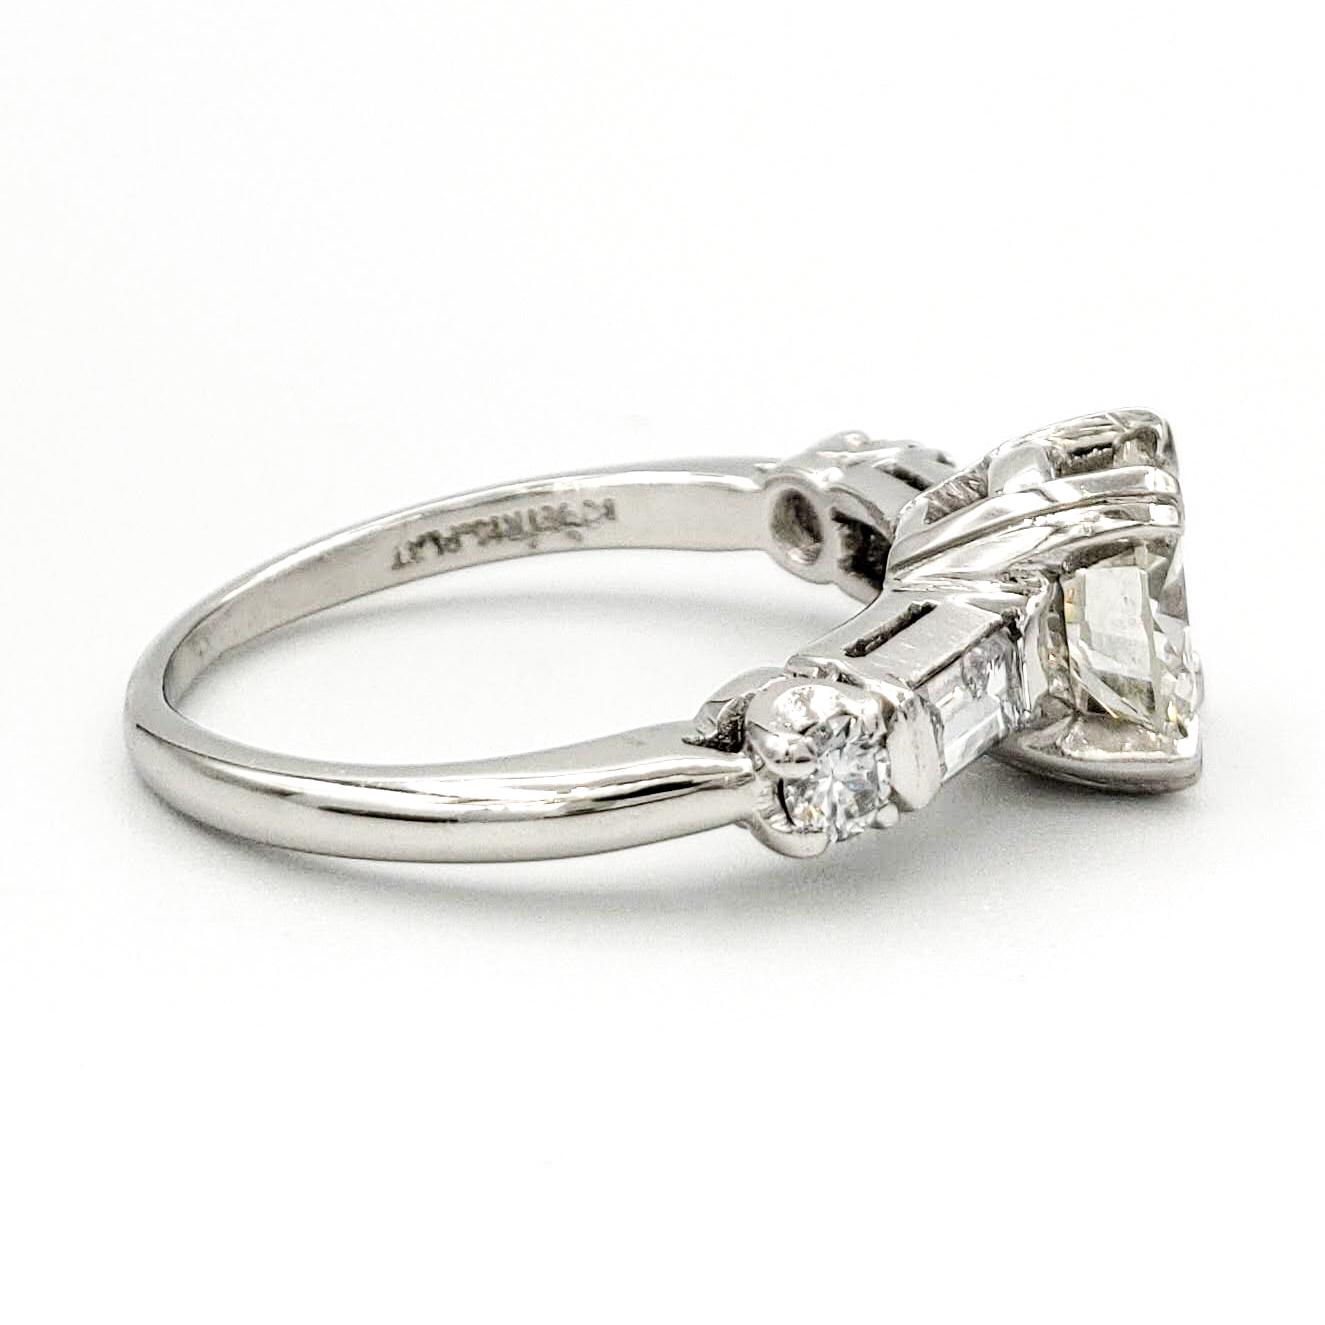 vintage-platinum-engagement-ring-with-0-97-carat-round-brilliant-cut-diamond-egl-h-vs1